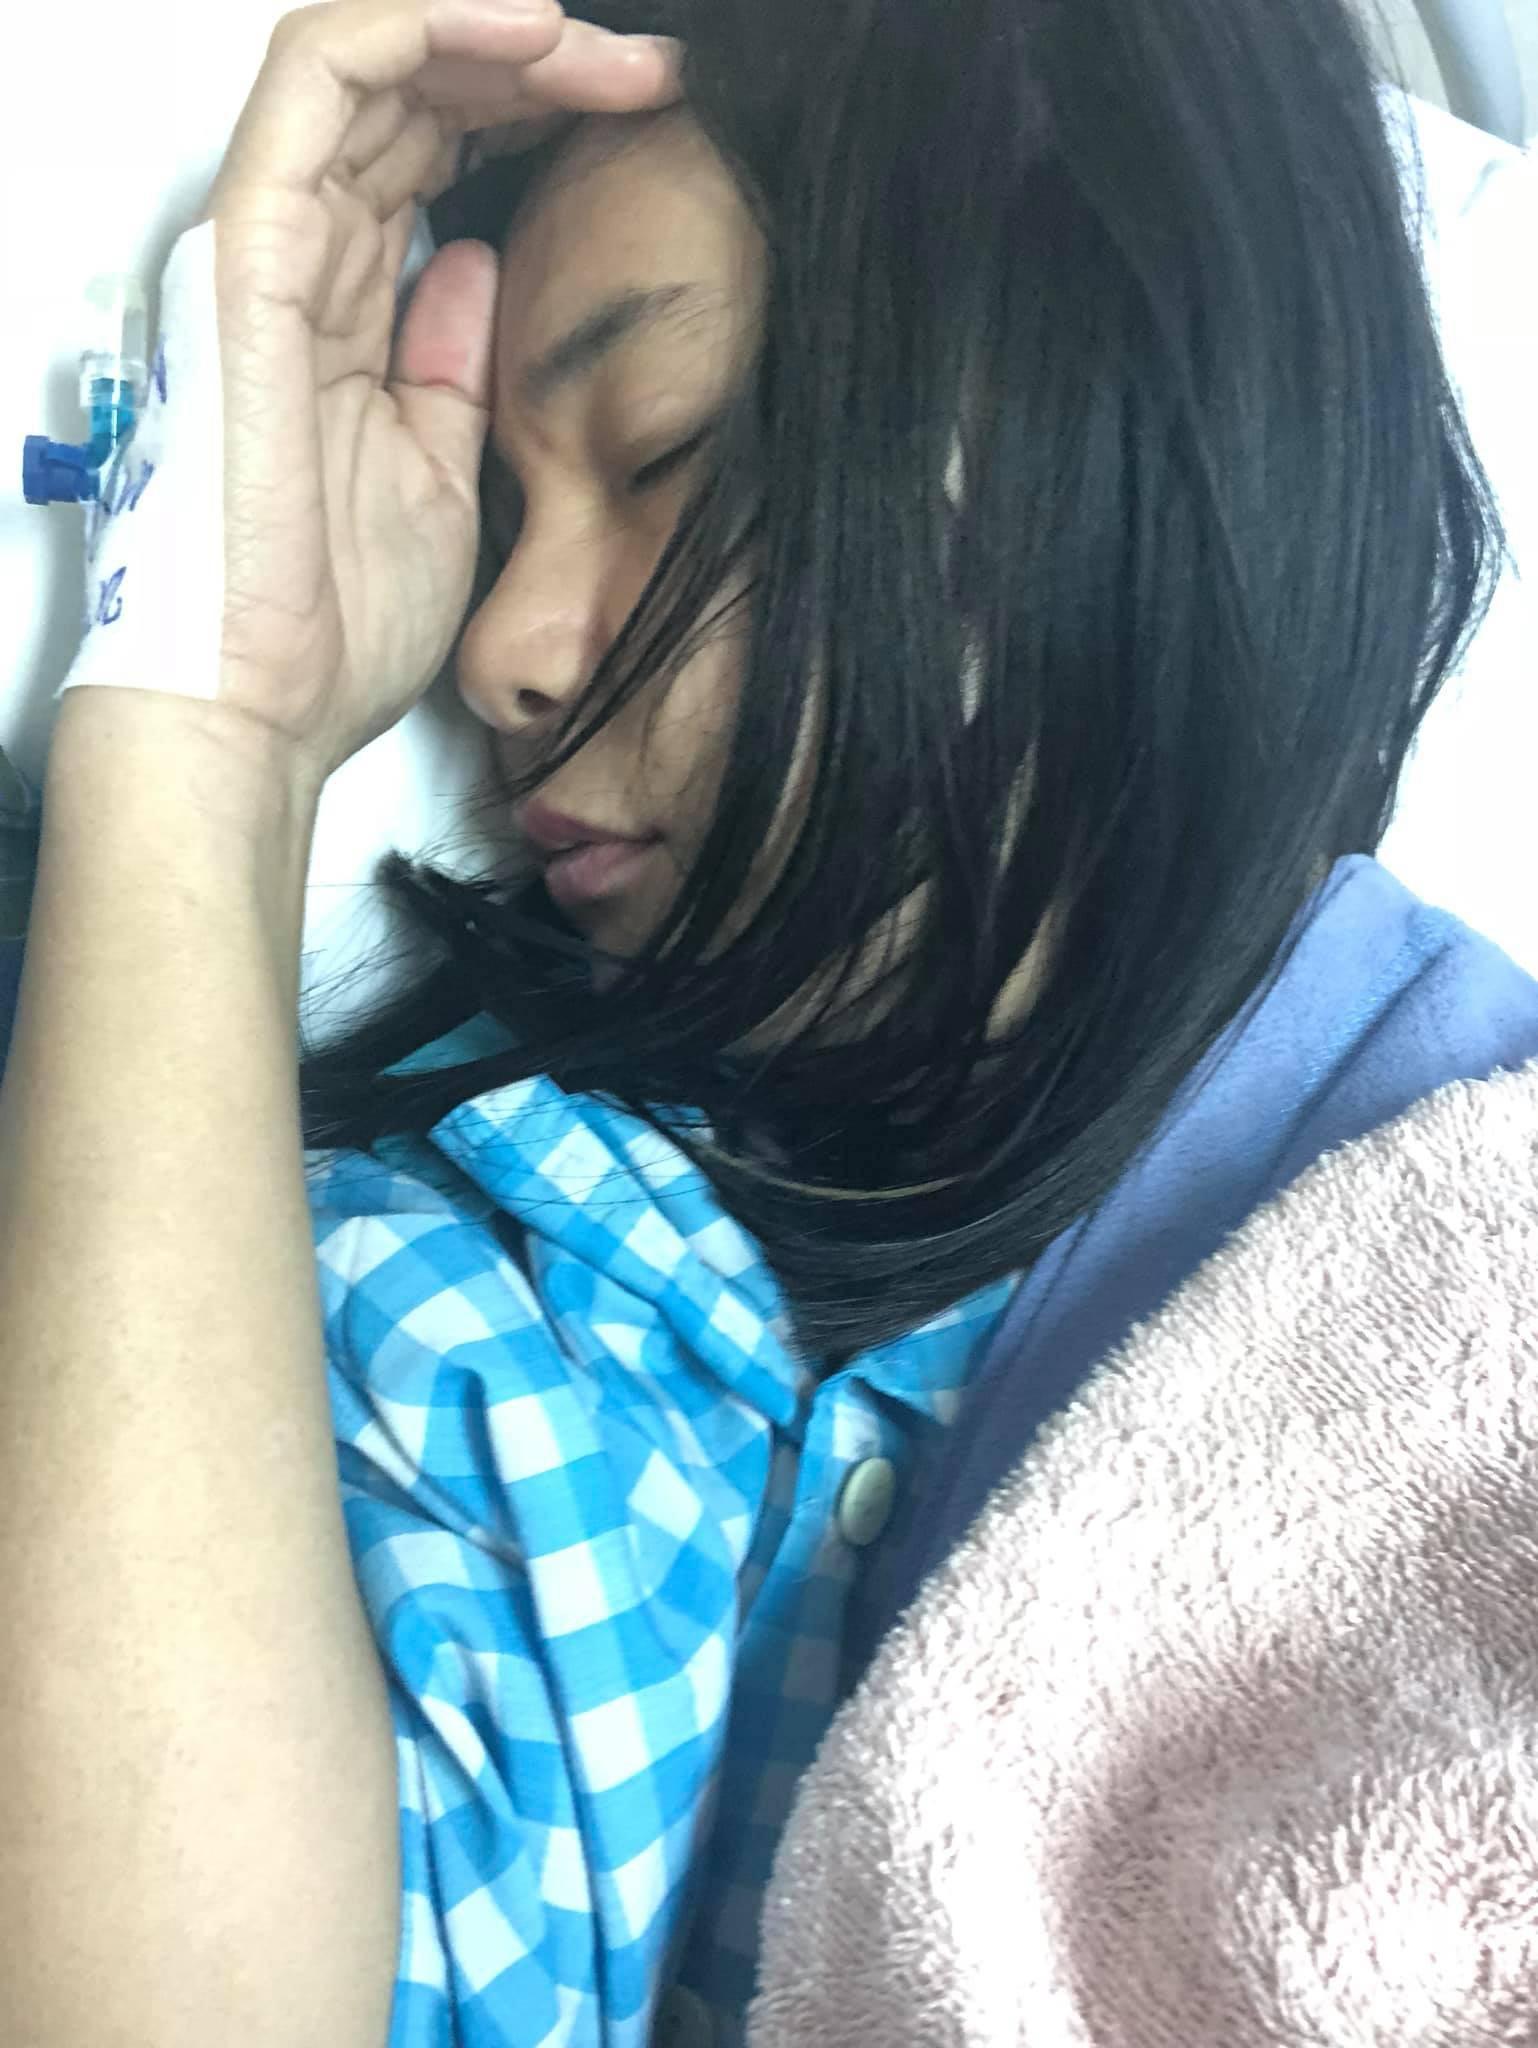 Làm việc quá sức, Cát Phượng phải nhập viện cấp cứu vì rối loạn tiền đình-2